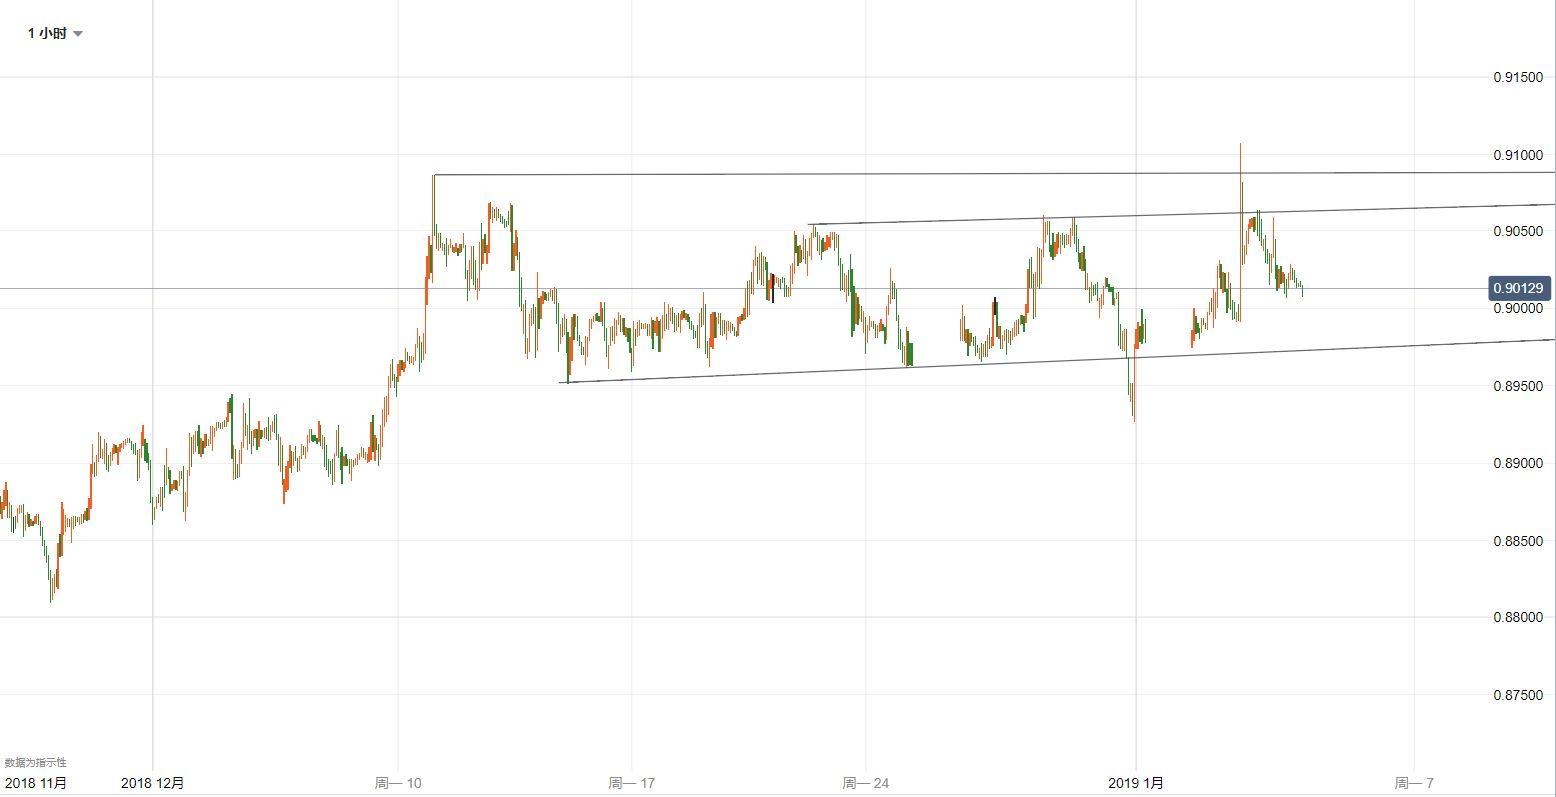 欧元/英镑技术分析:横向波动,继续等待指引